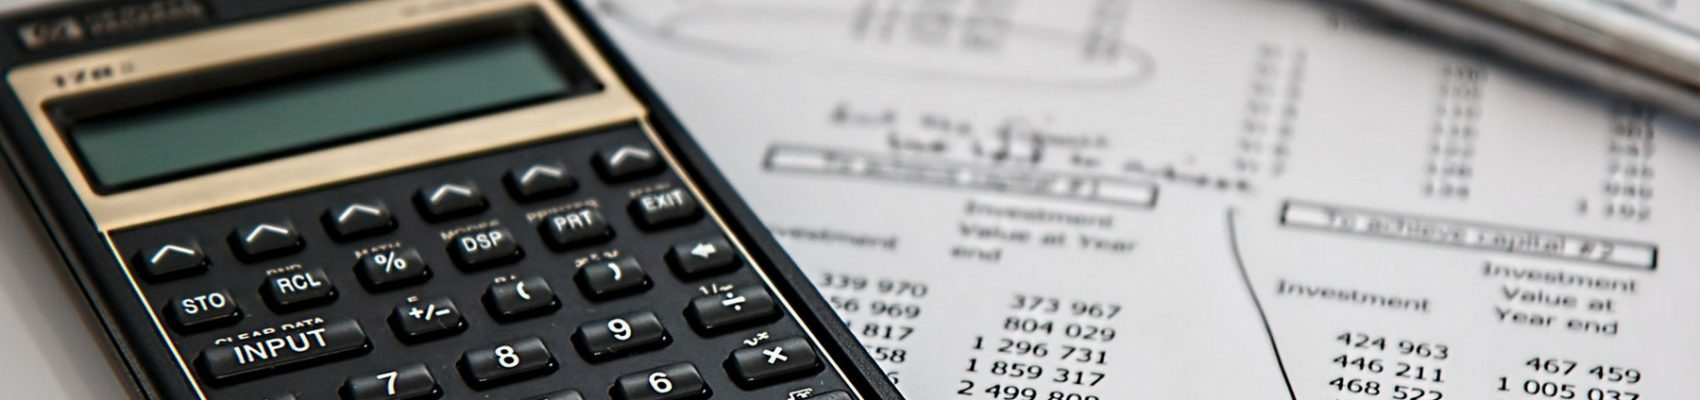 Finanzen Berechnung